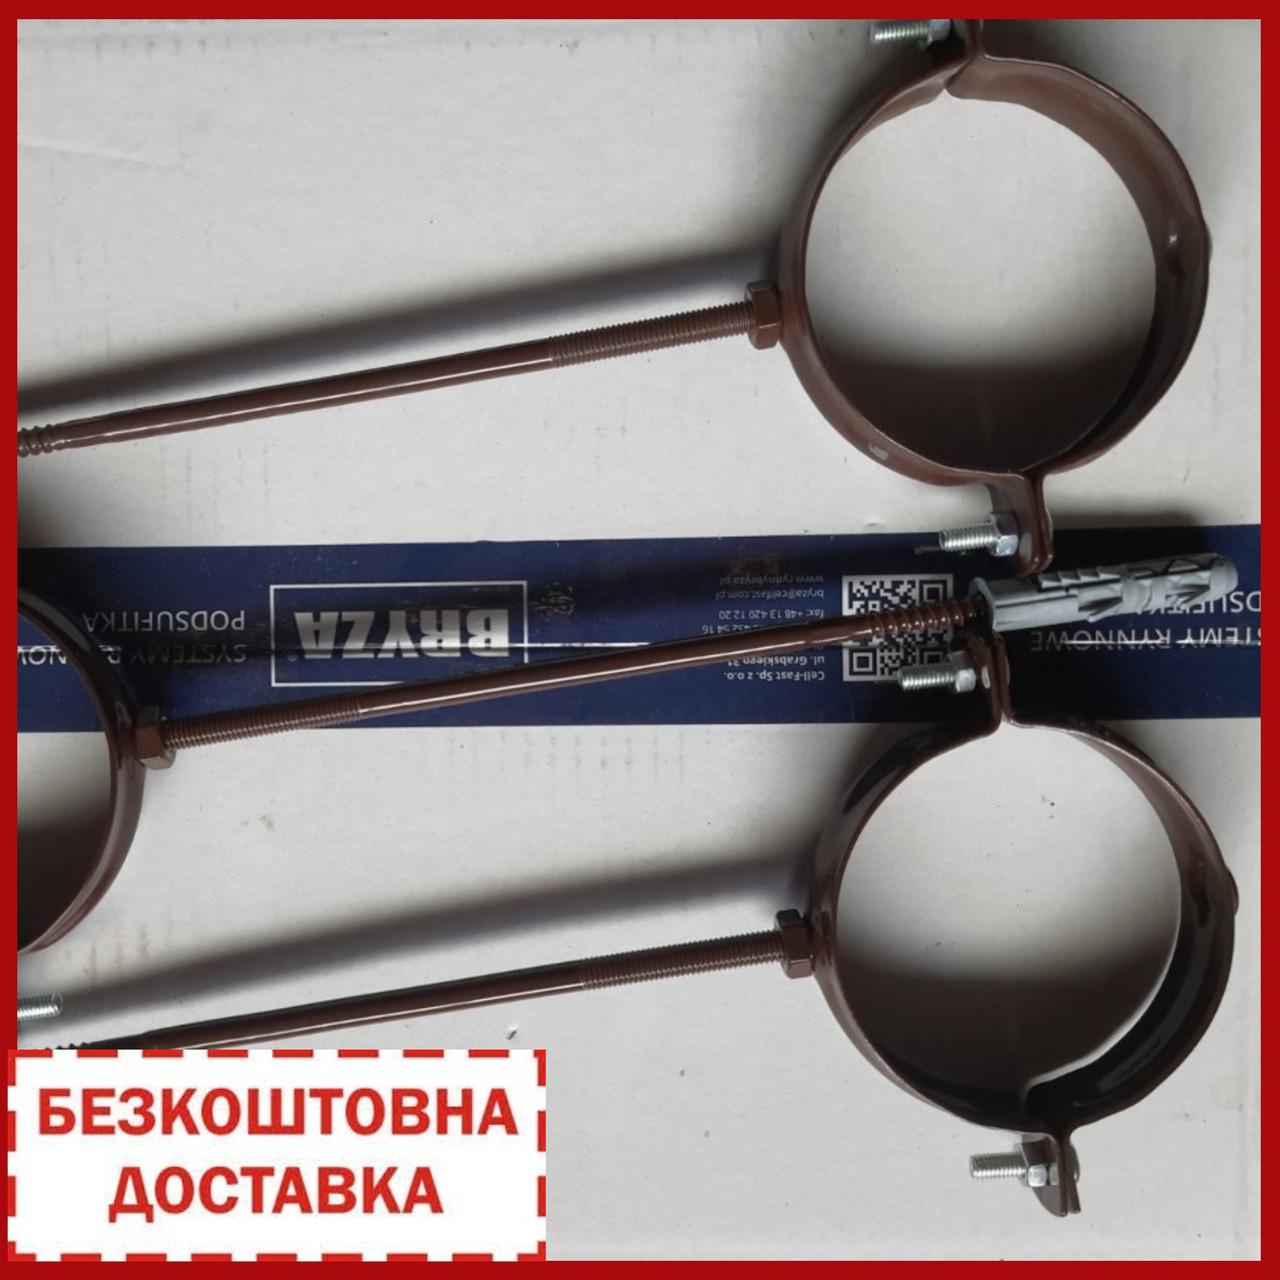 Кронштейн труби металевий, дюбель 220 мм. Безкоштовна доставка!